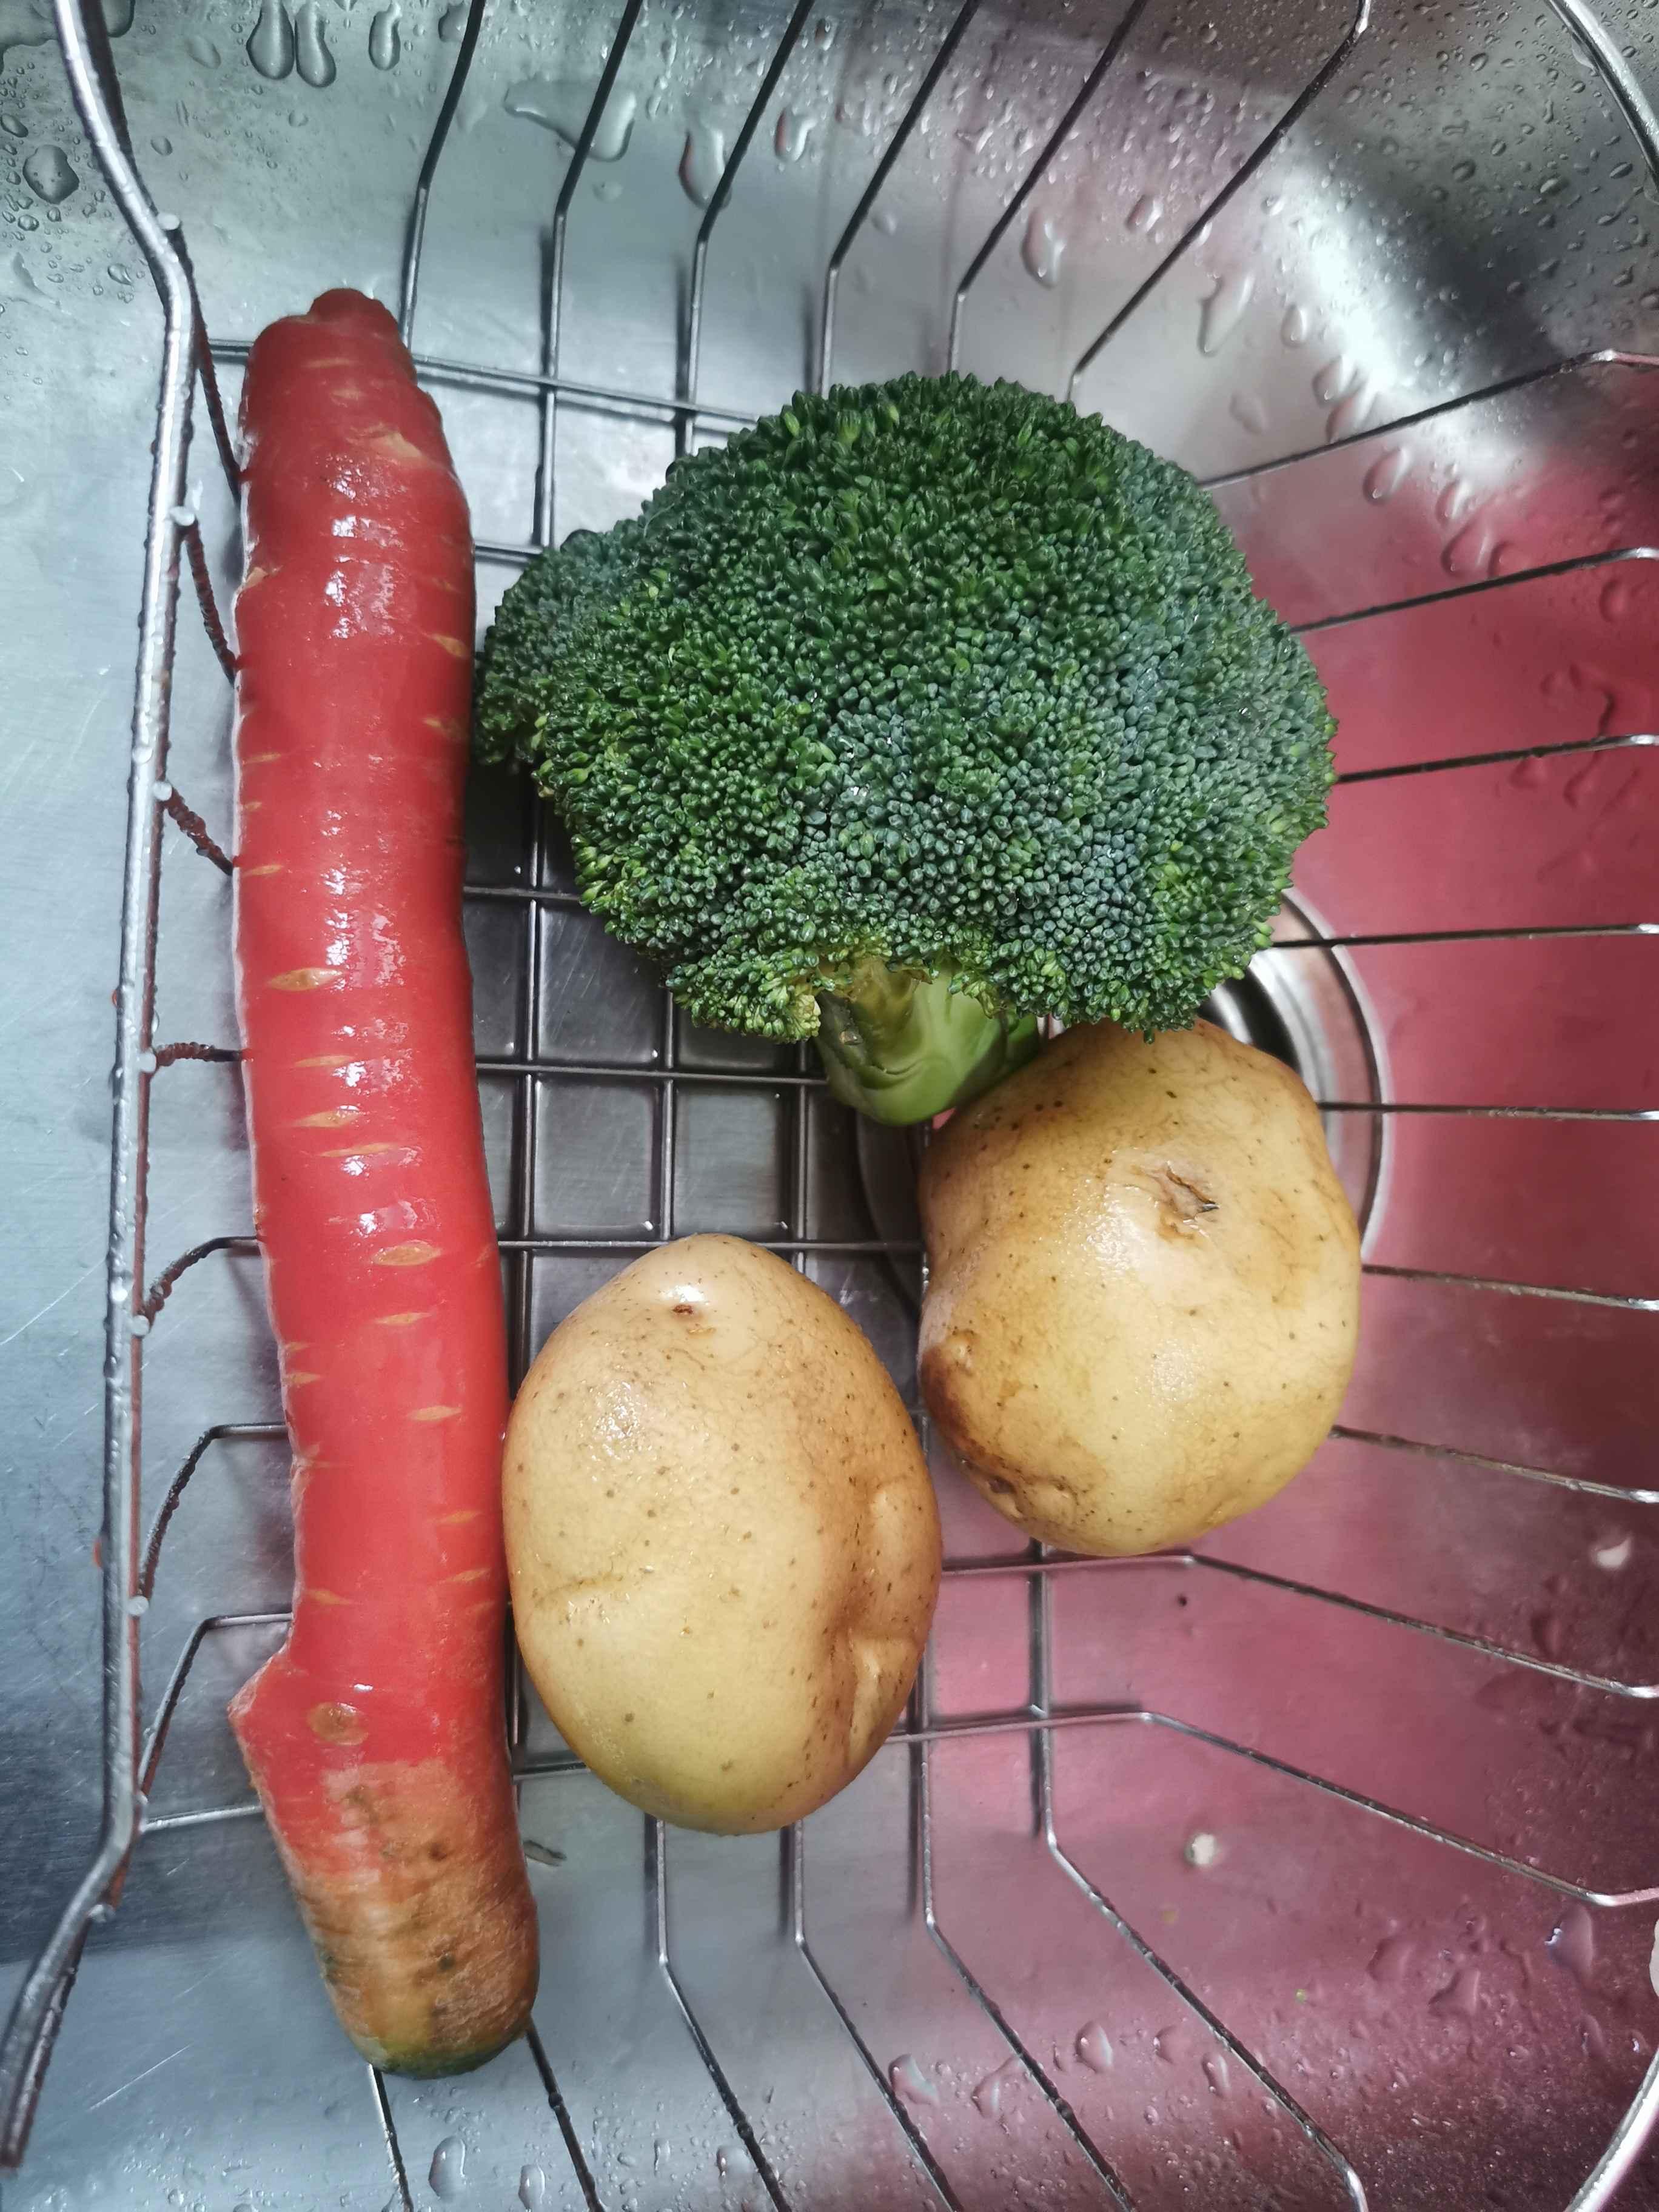 土豆蔬菜拼盘的做法大全